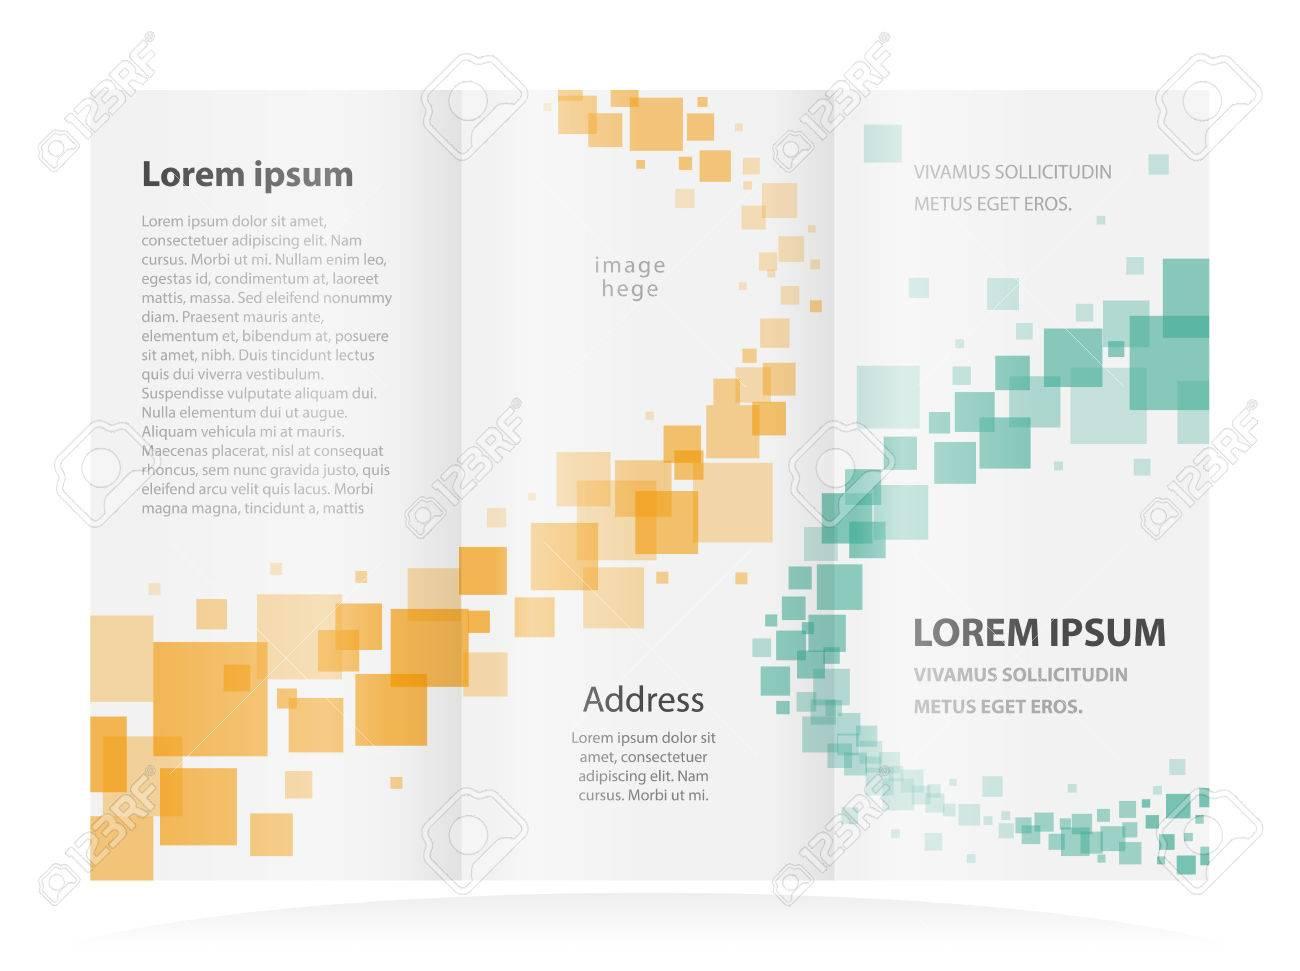 brochure design template - 55381012